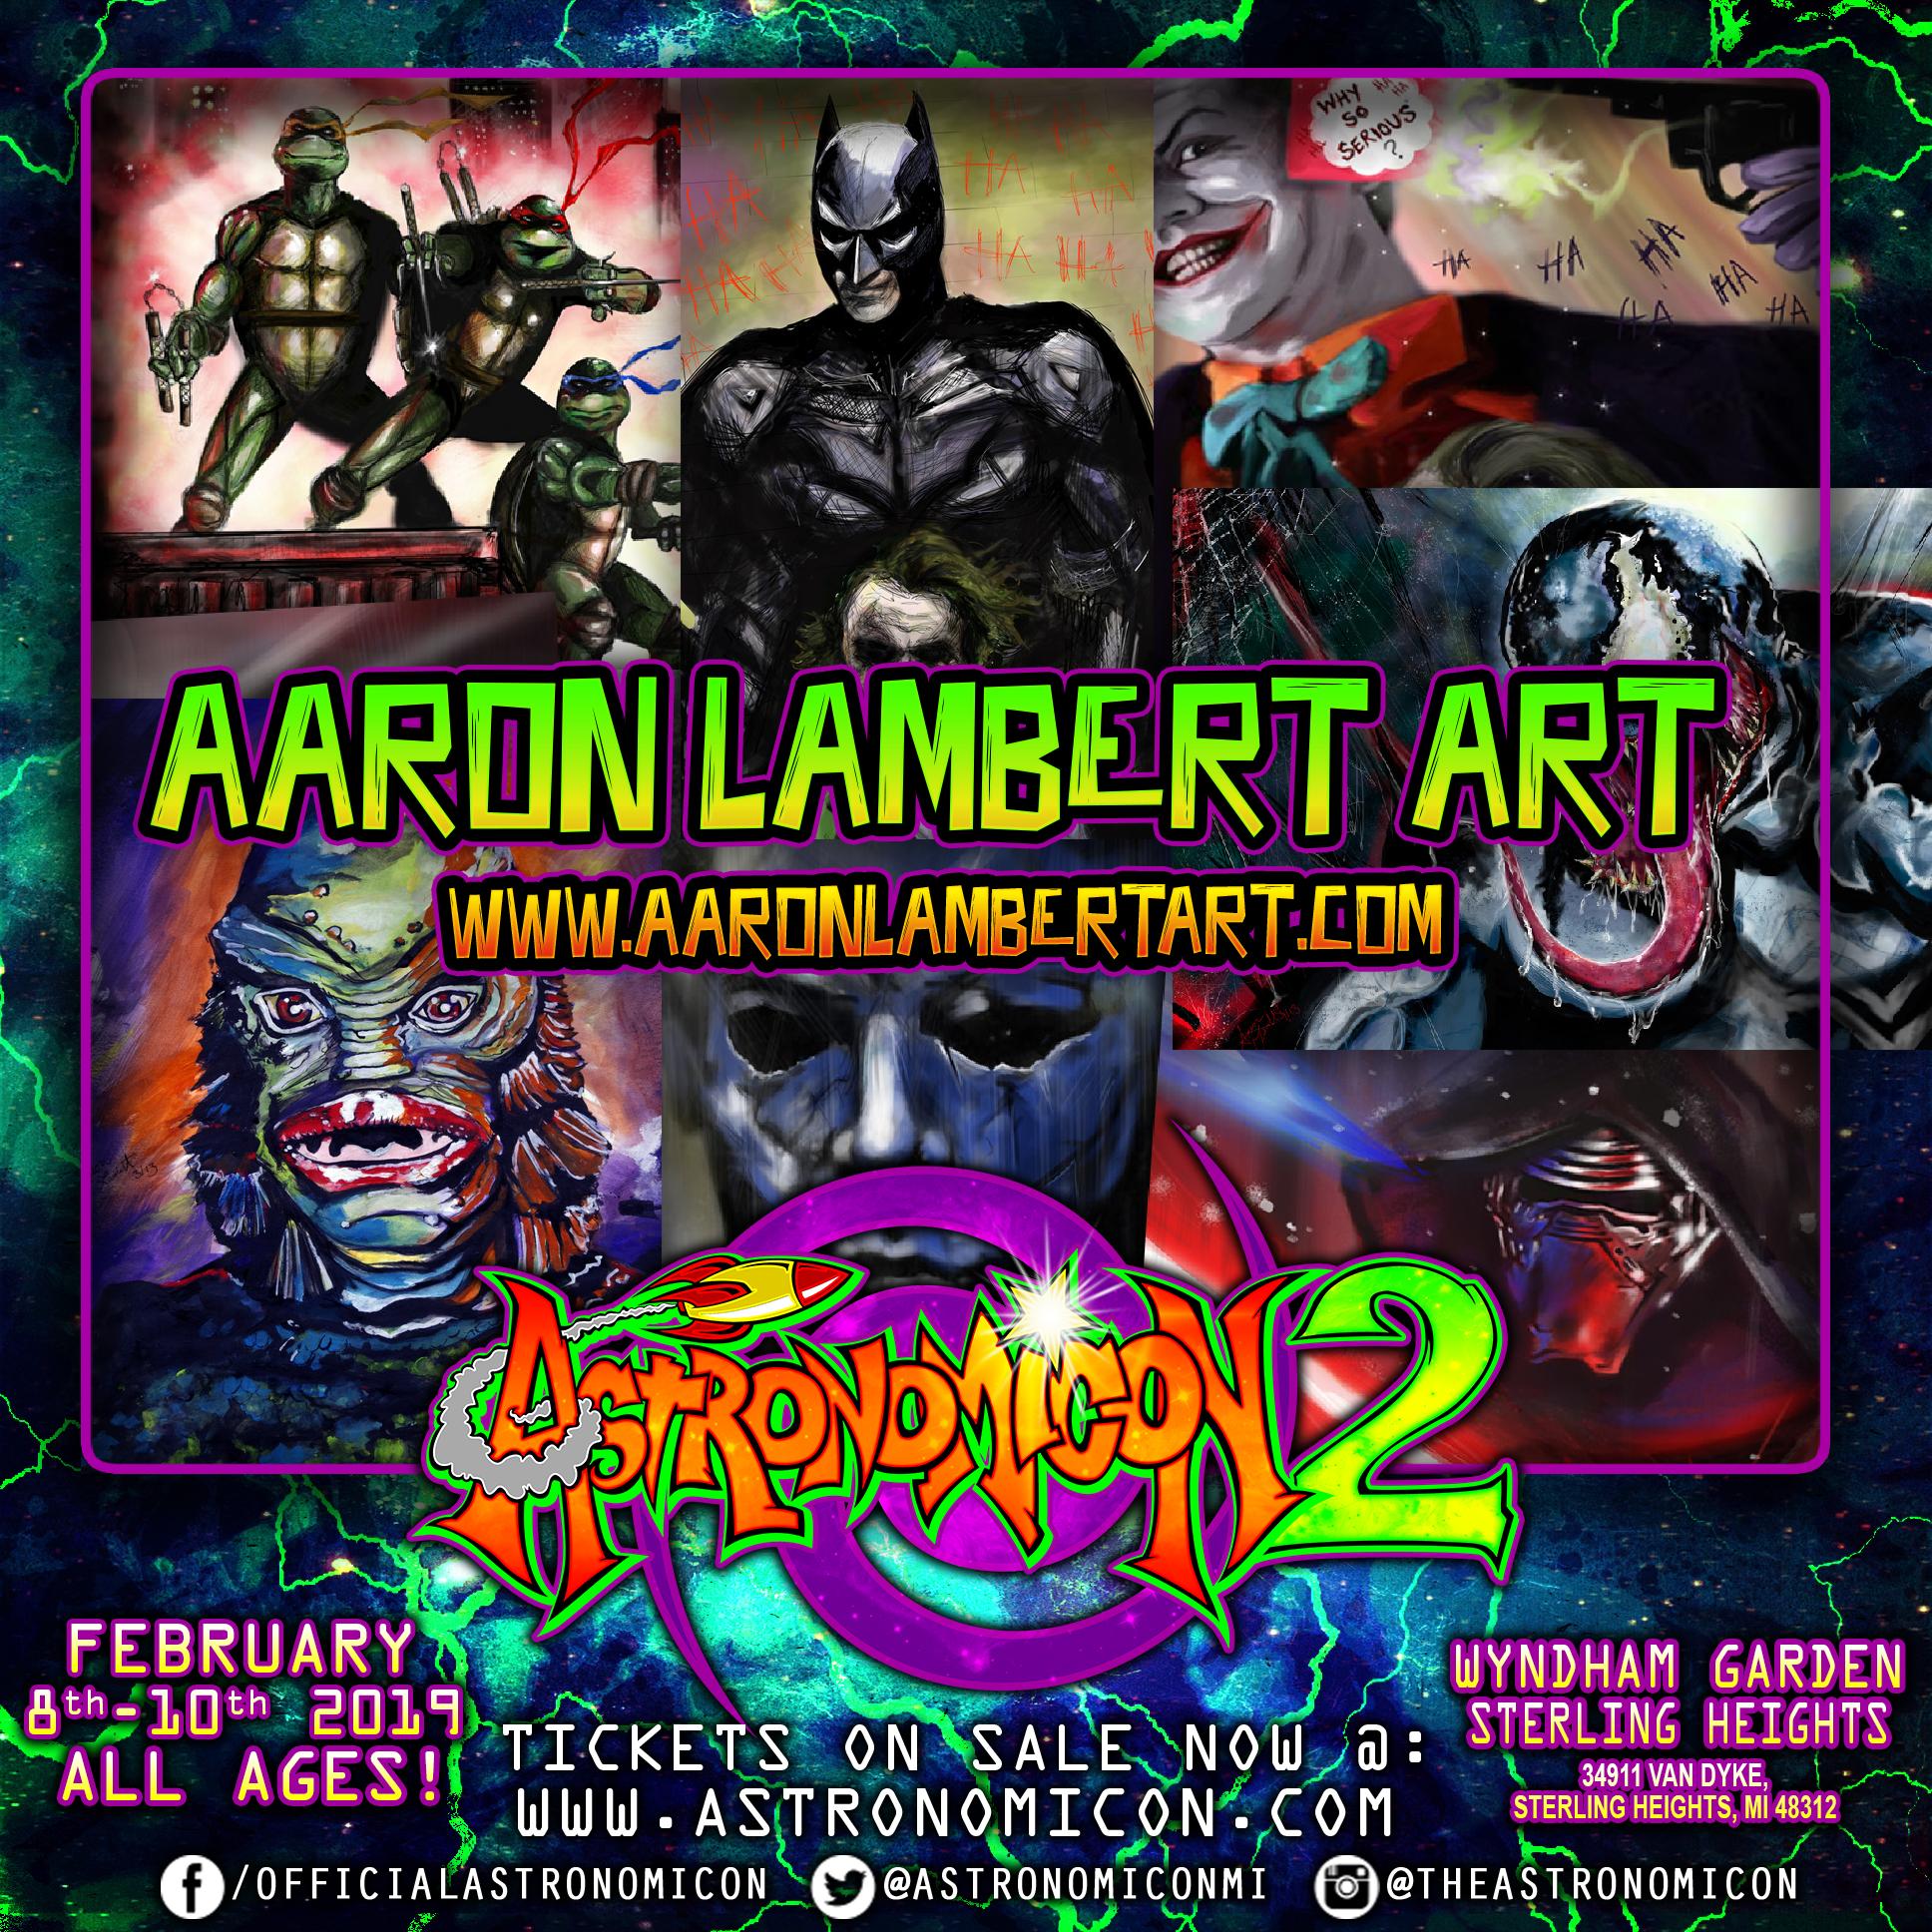 Astronomicon 2 Aaron Lambert Art IG Ad.png